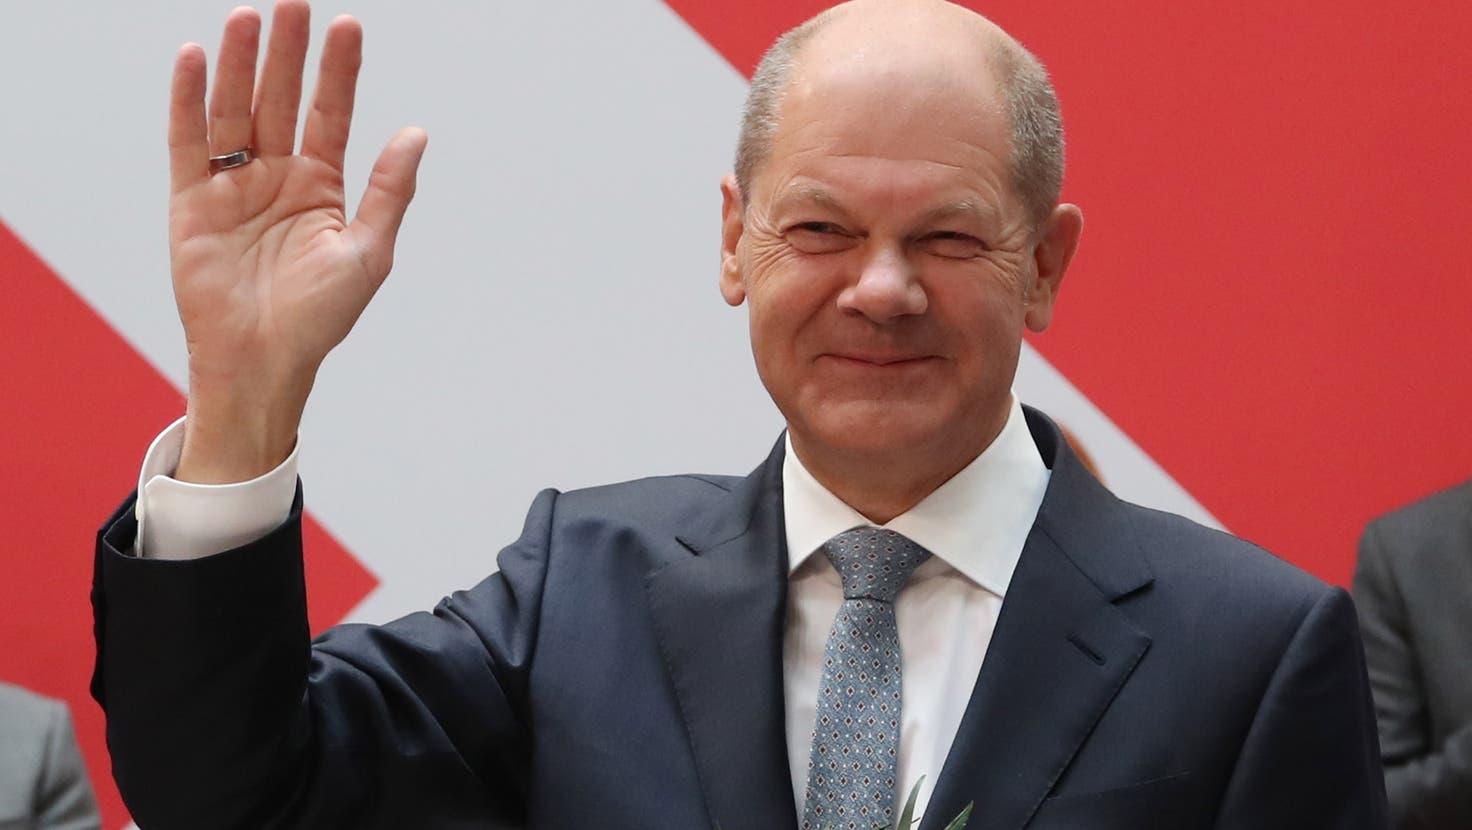 Scholz sieht klaren Auftrag für eine Ampel-Regierung ++ Söder: Angebot, aber kein Anspruch der CDU/CSU auf Regierungsbildung